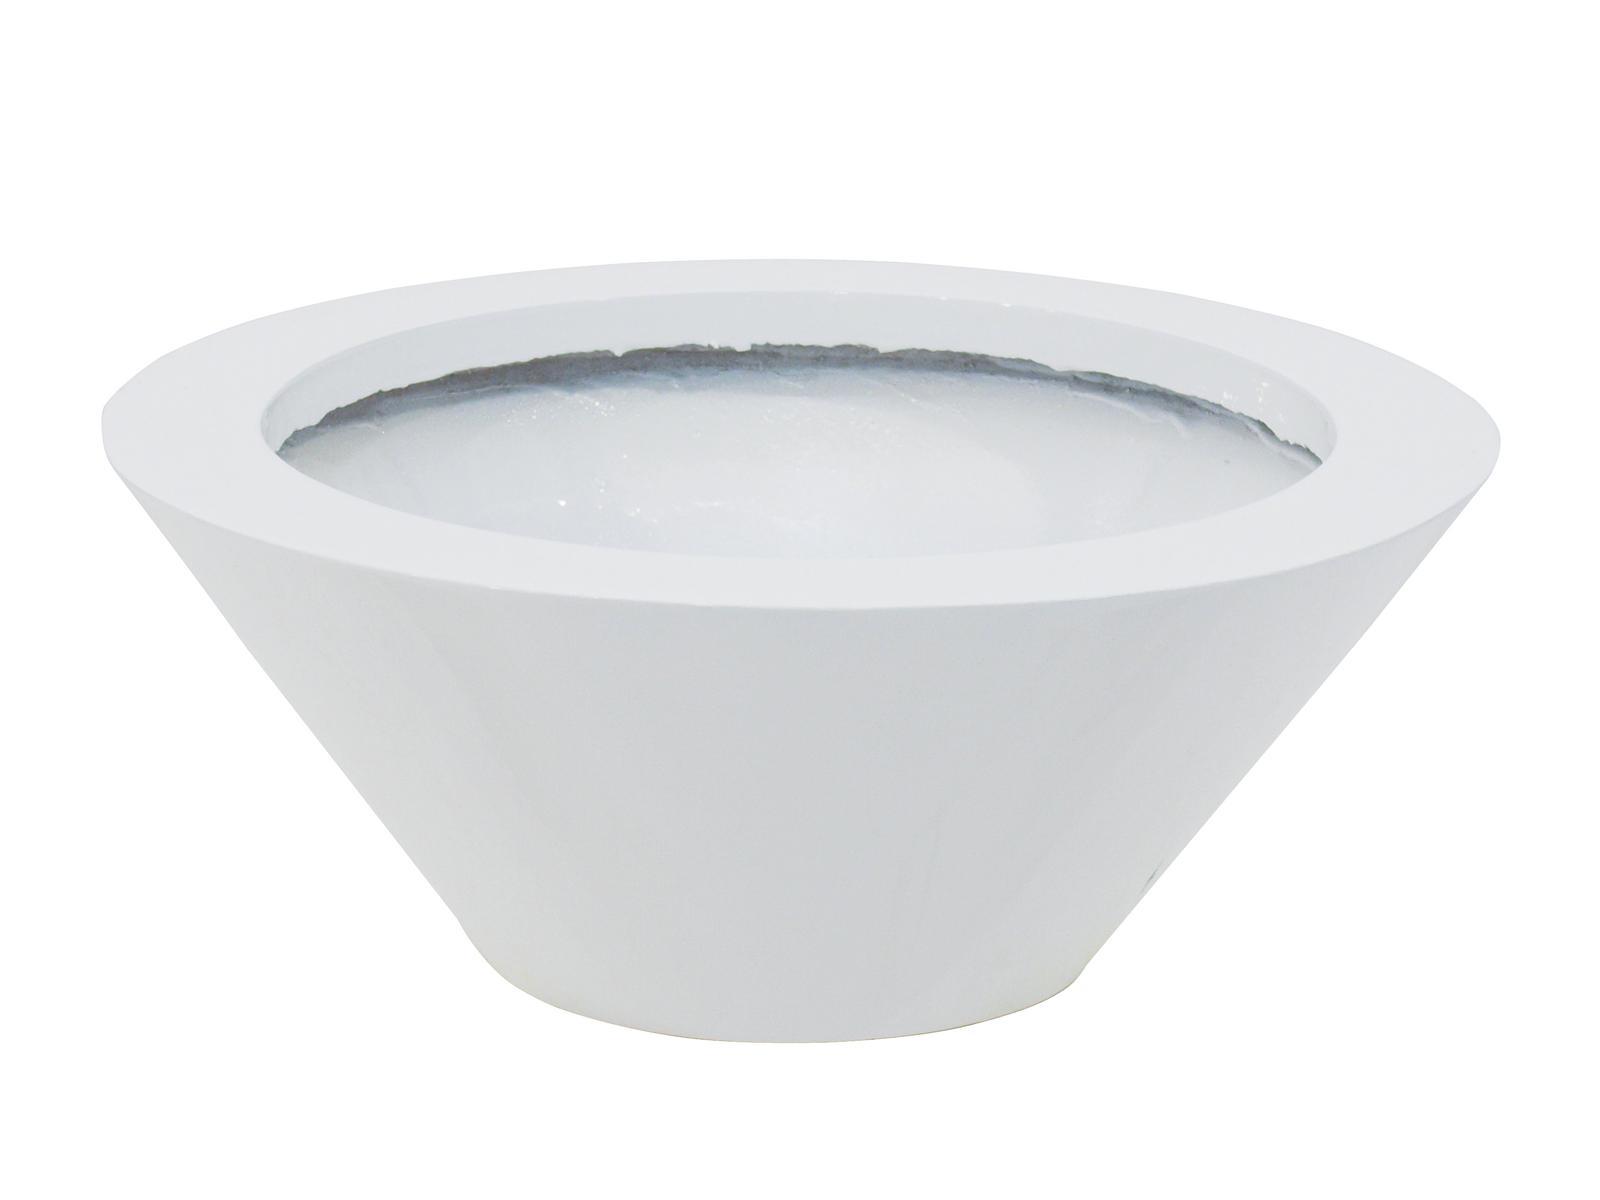 EUROPALMS LEICHTSIN BOWL-15, weiß, glänzend